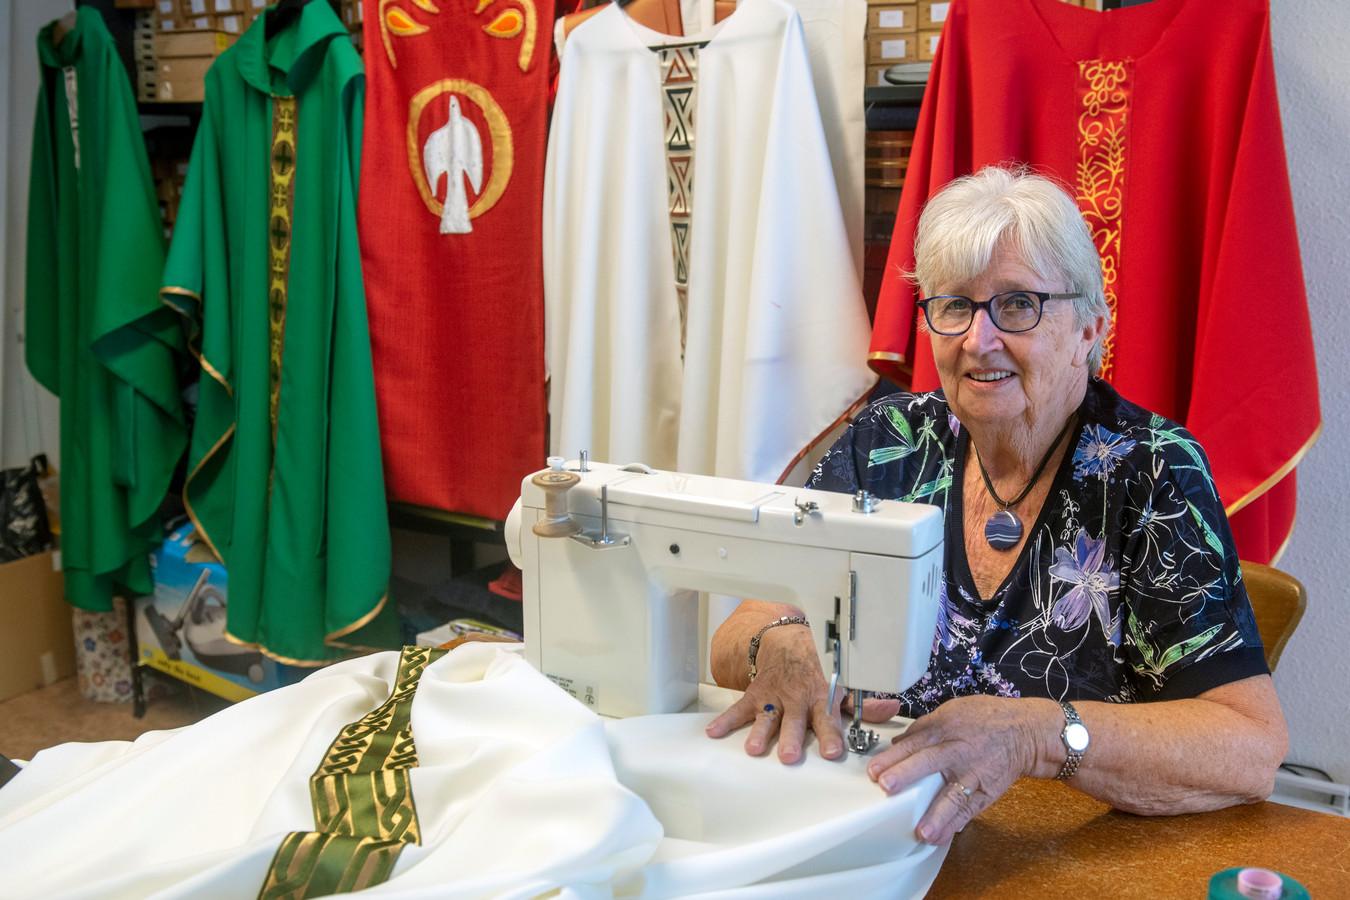 In gebouw De Hoeksteen in Elst is Marian Peters lid van de missiehandwerkclub.